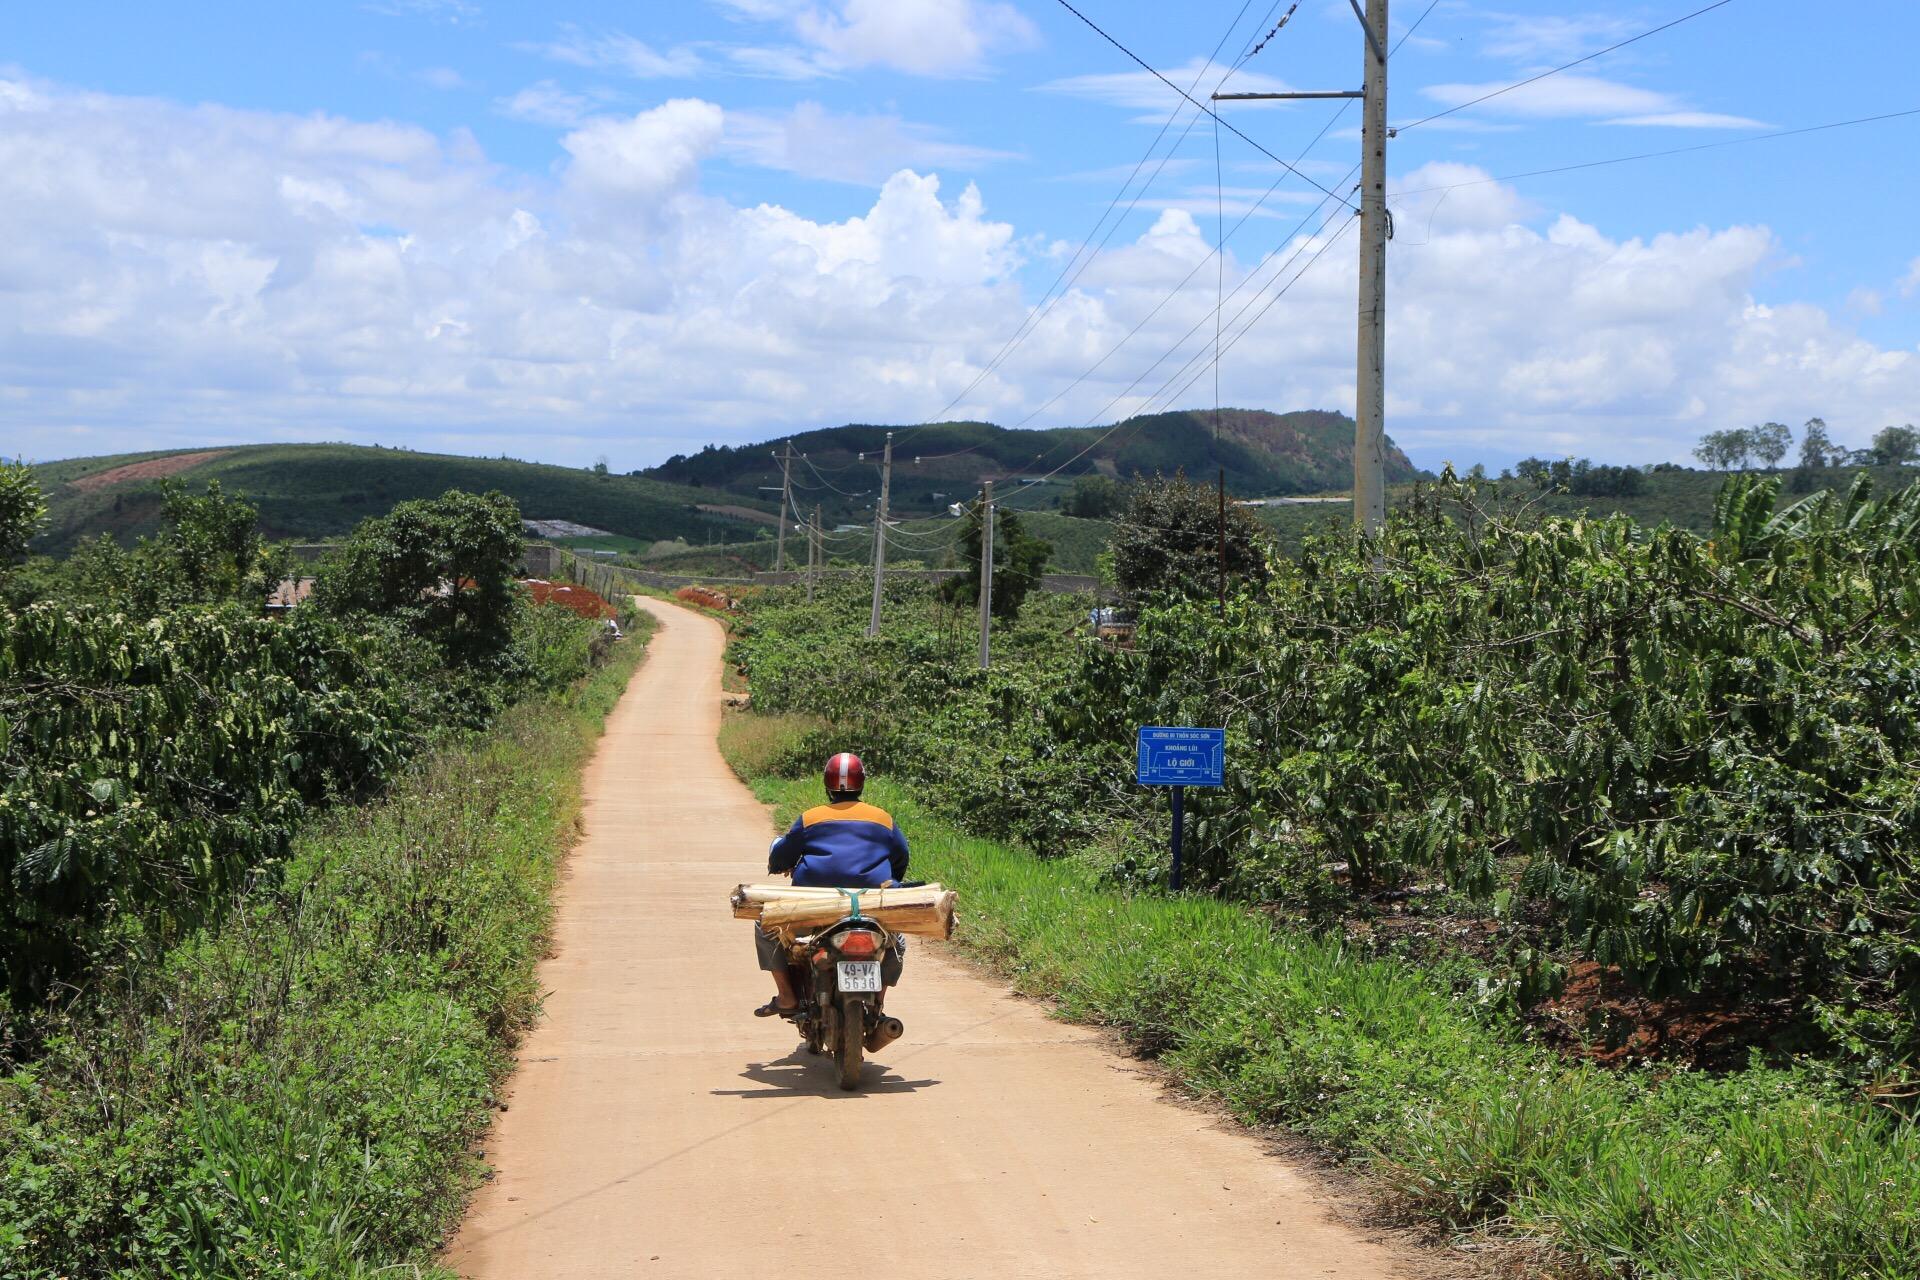 Die Weiten der Kaffeeplantagen. Irgendwo hier liegt das Dorf.